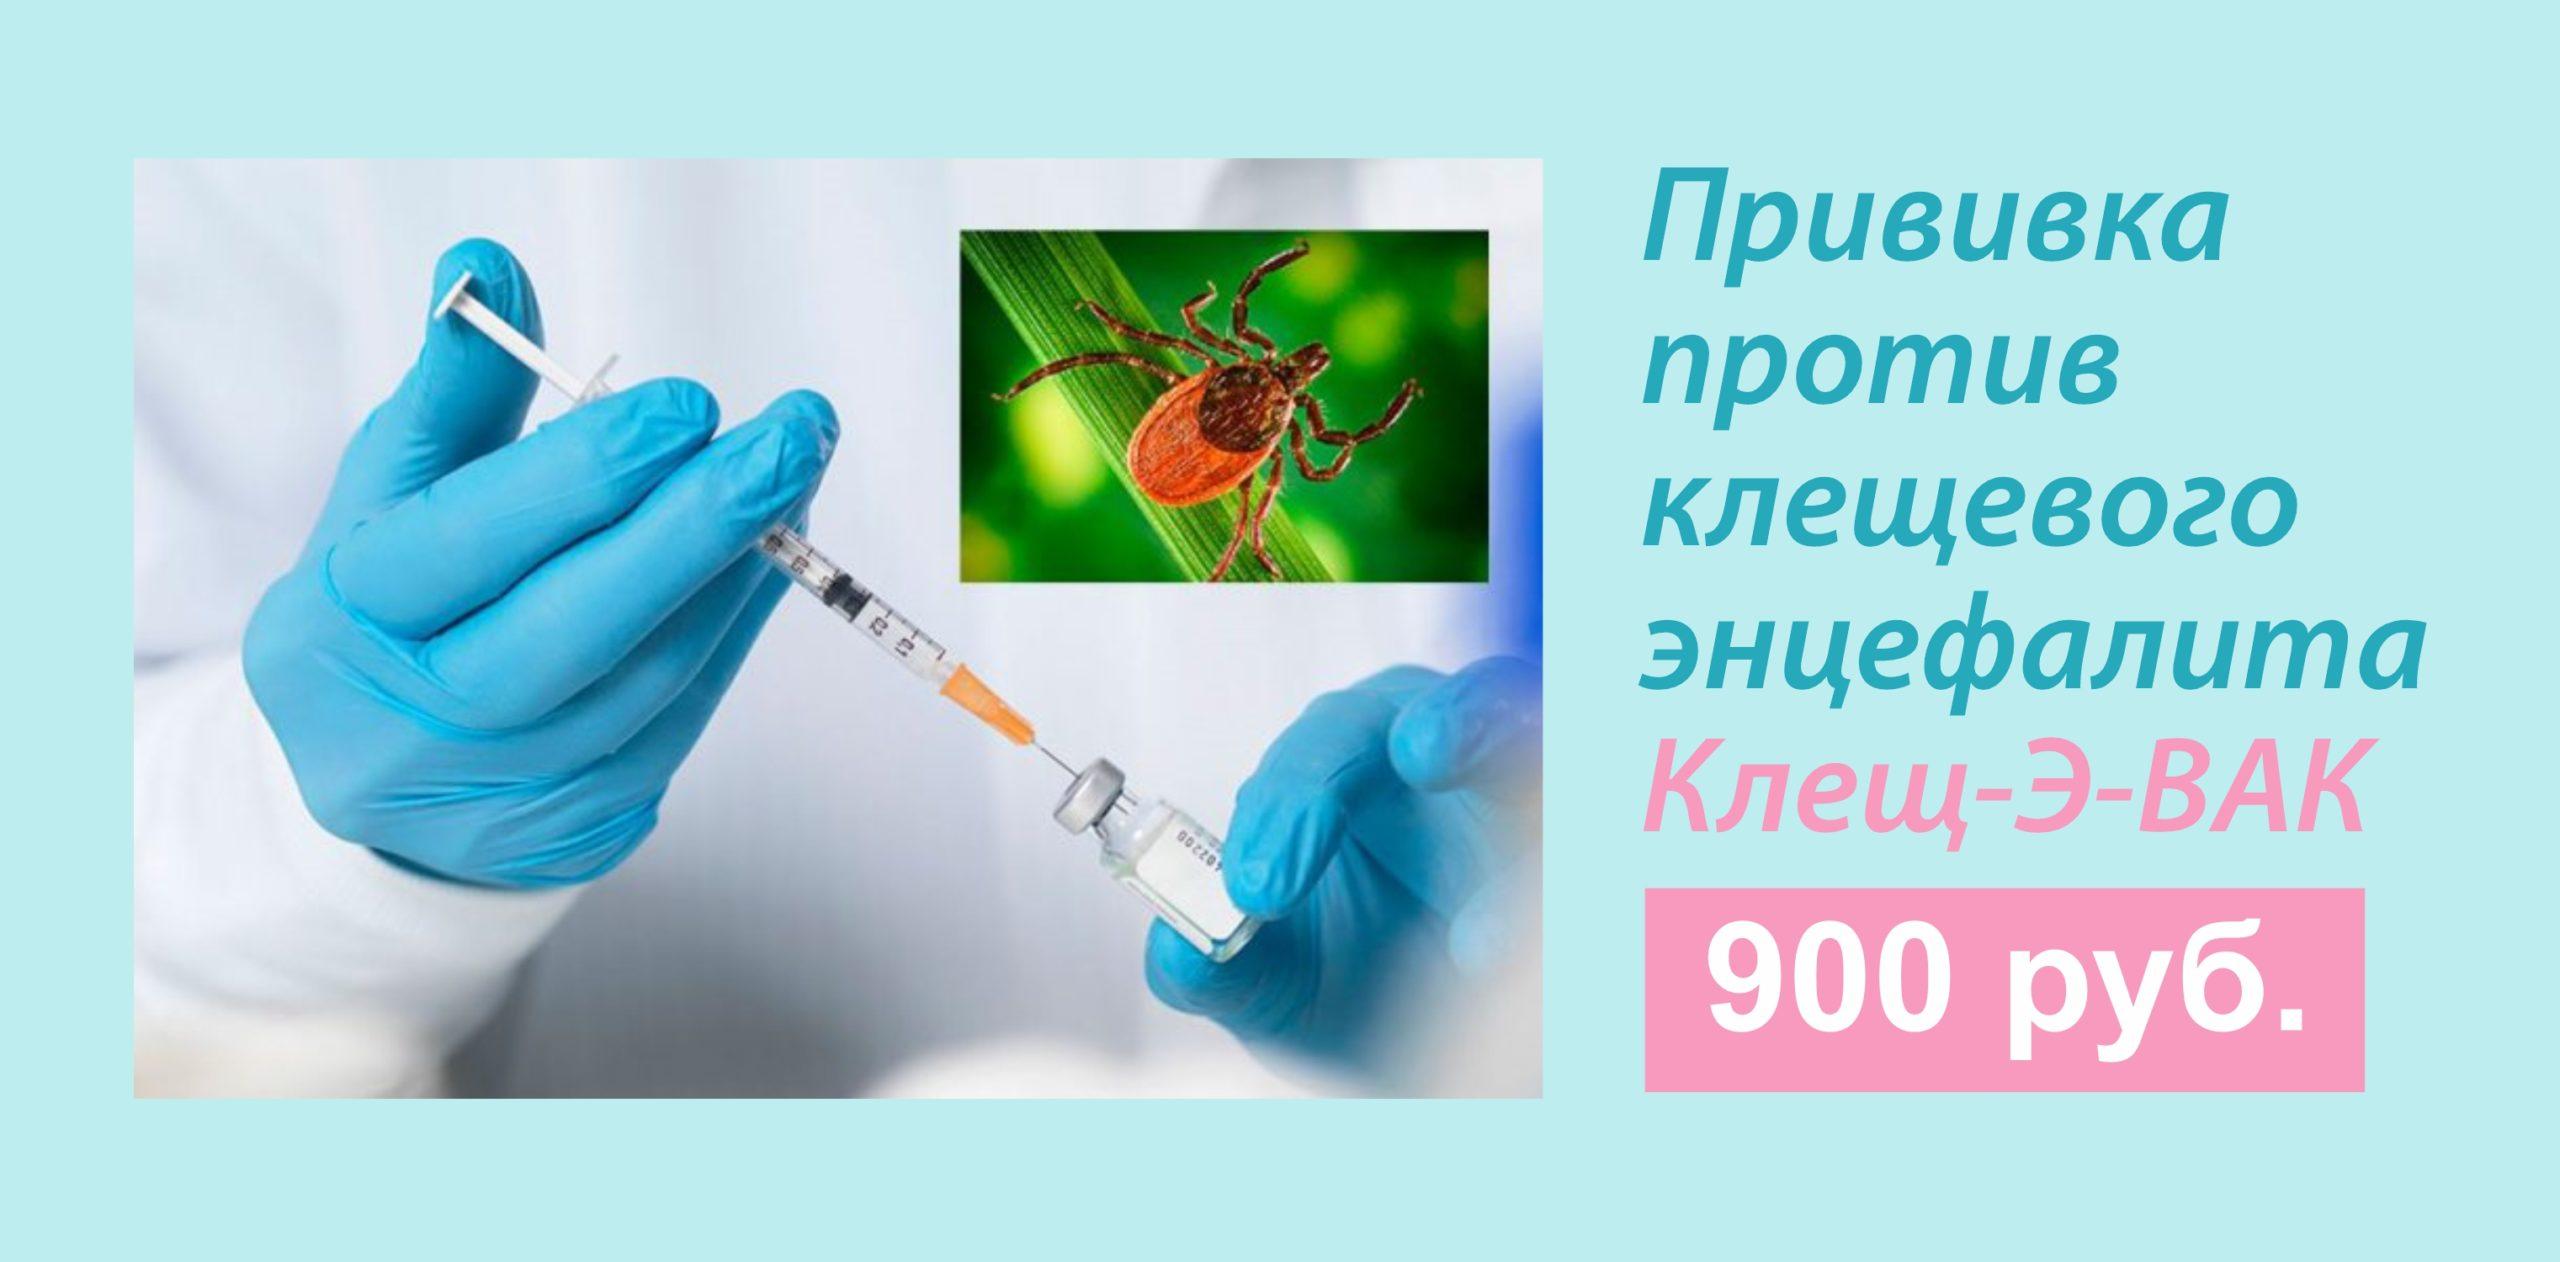 Вакцина Клещ-Э-ВАК стоимость 900 руб.